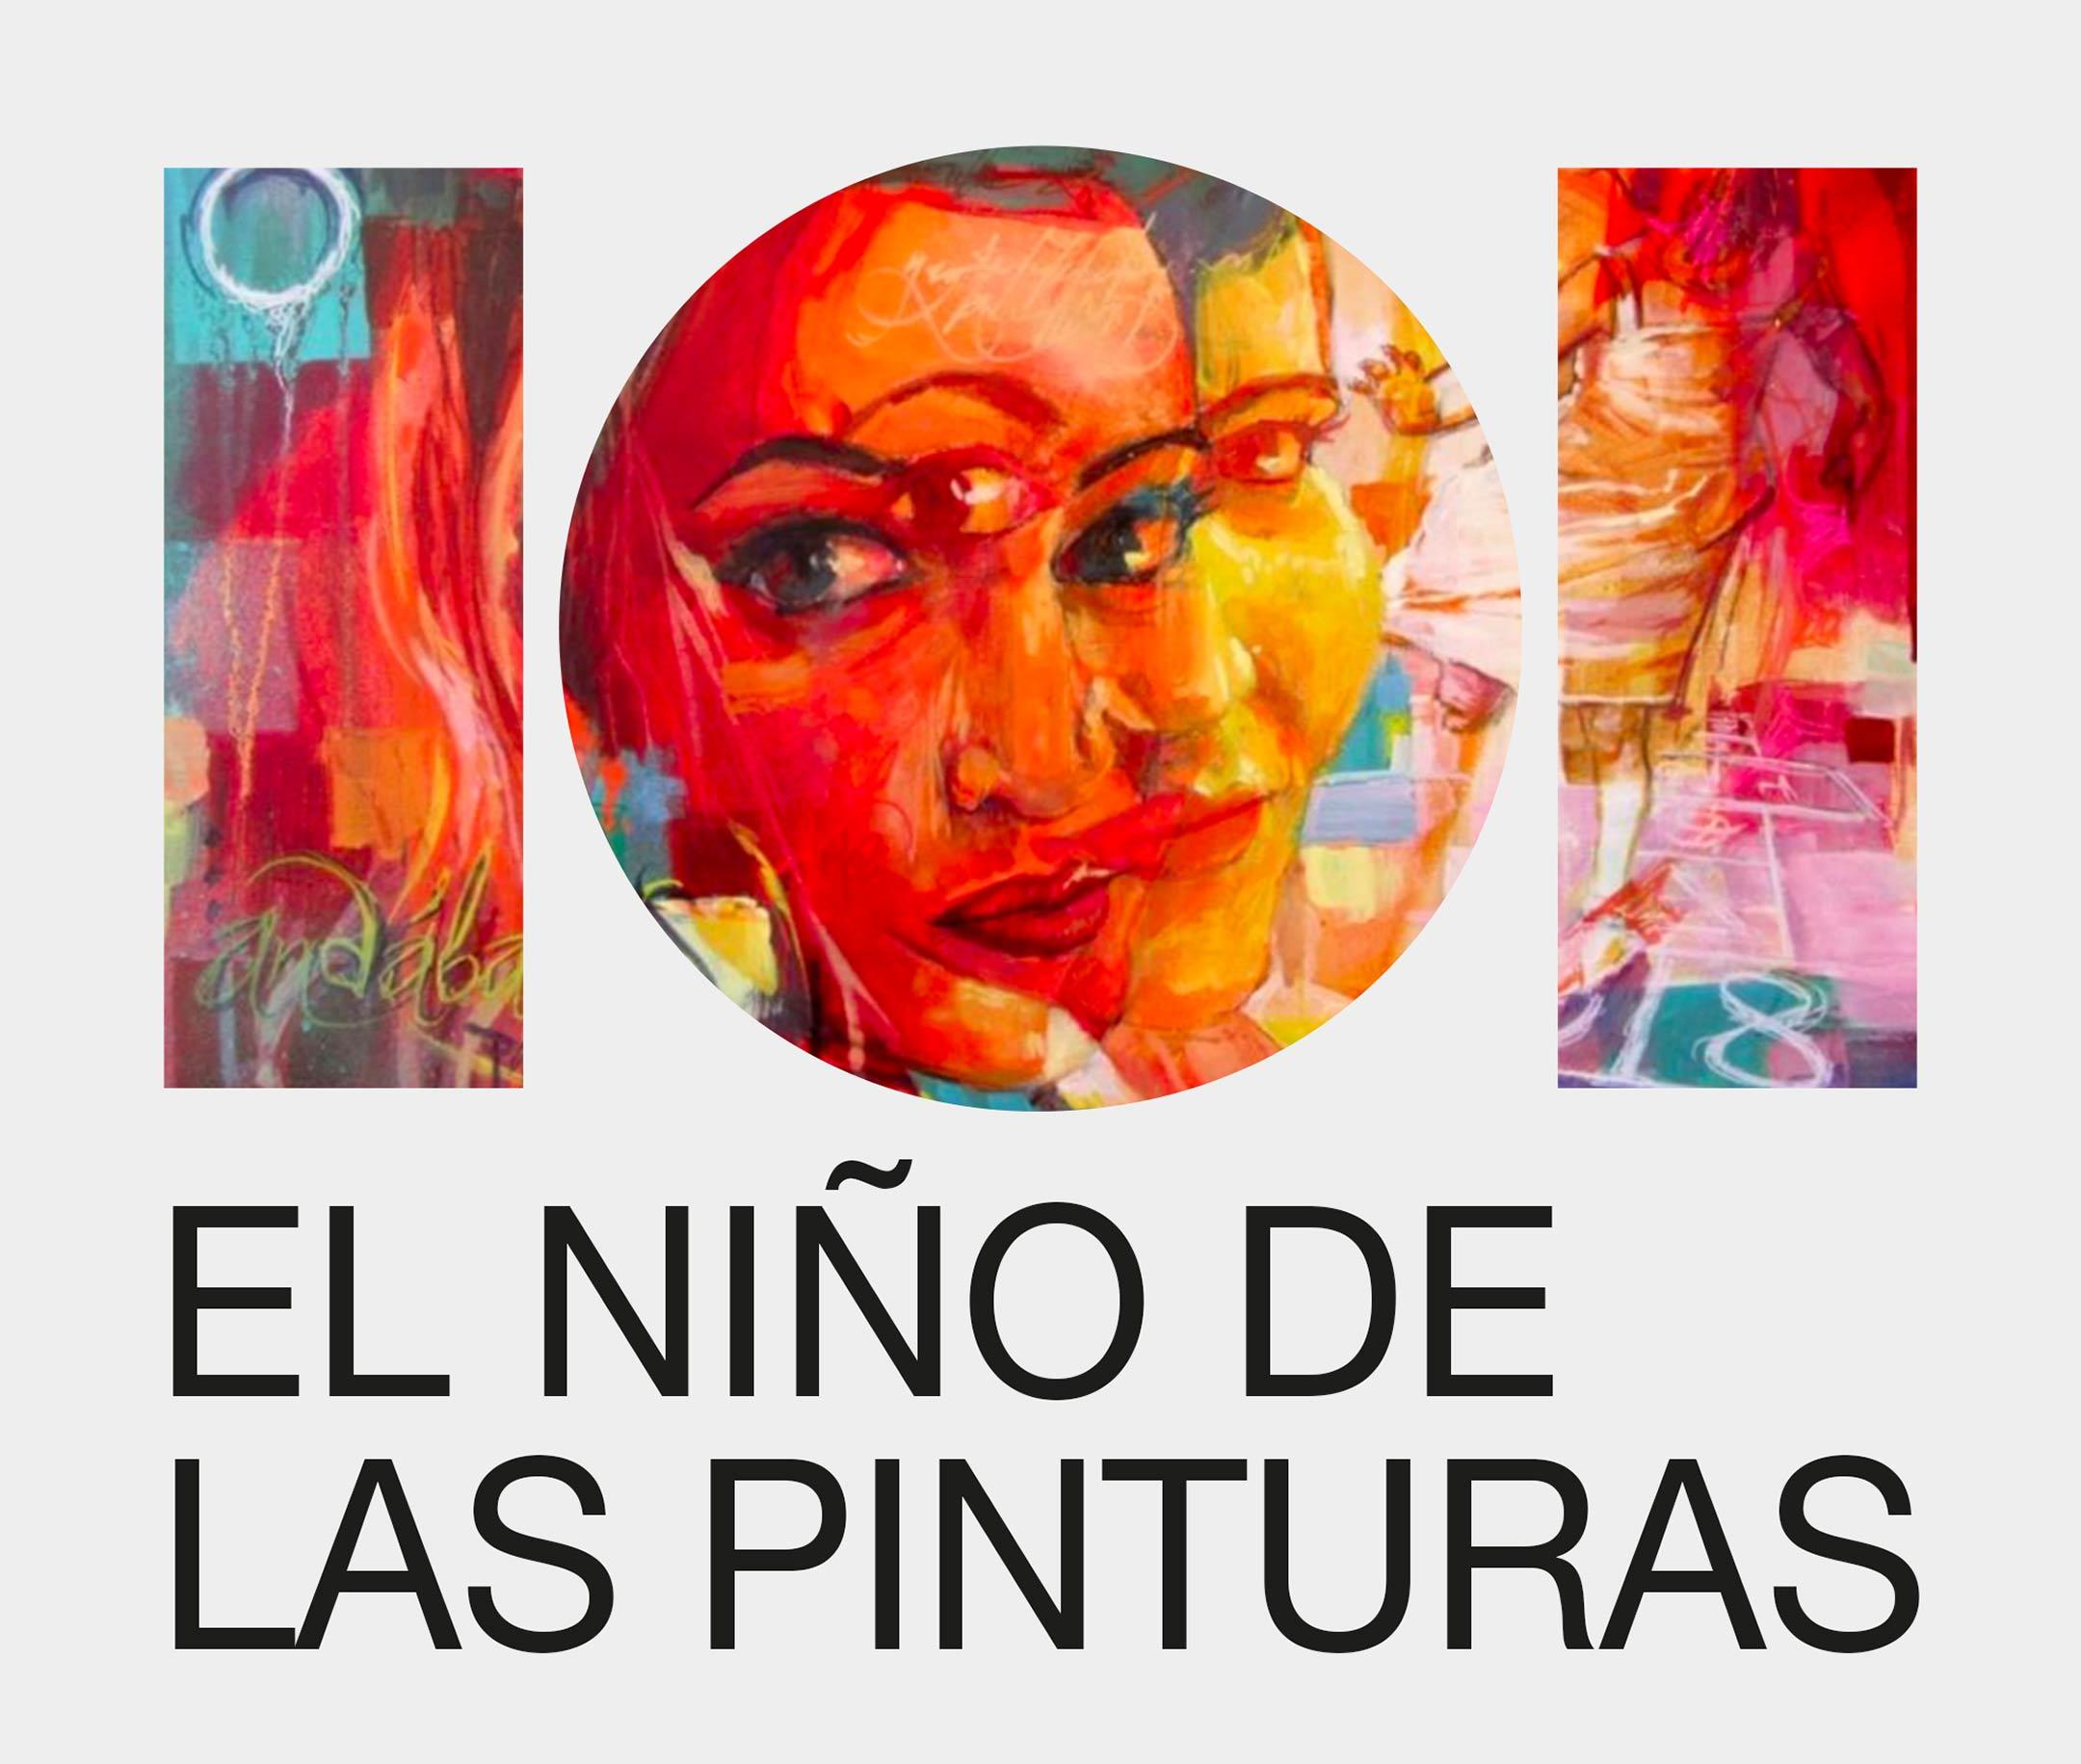 EL-NINO-DE-LAS-PINTURAS_IG